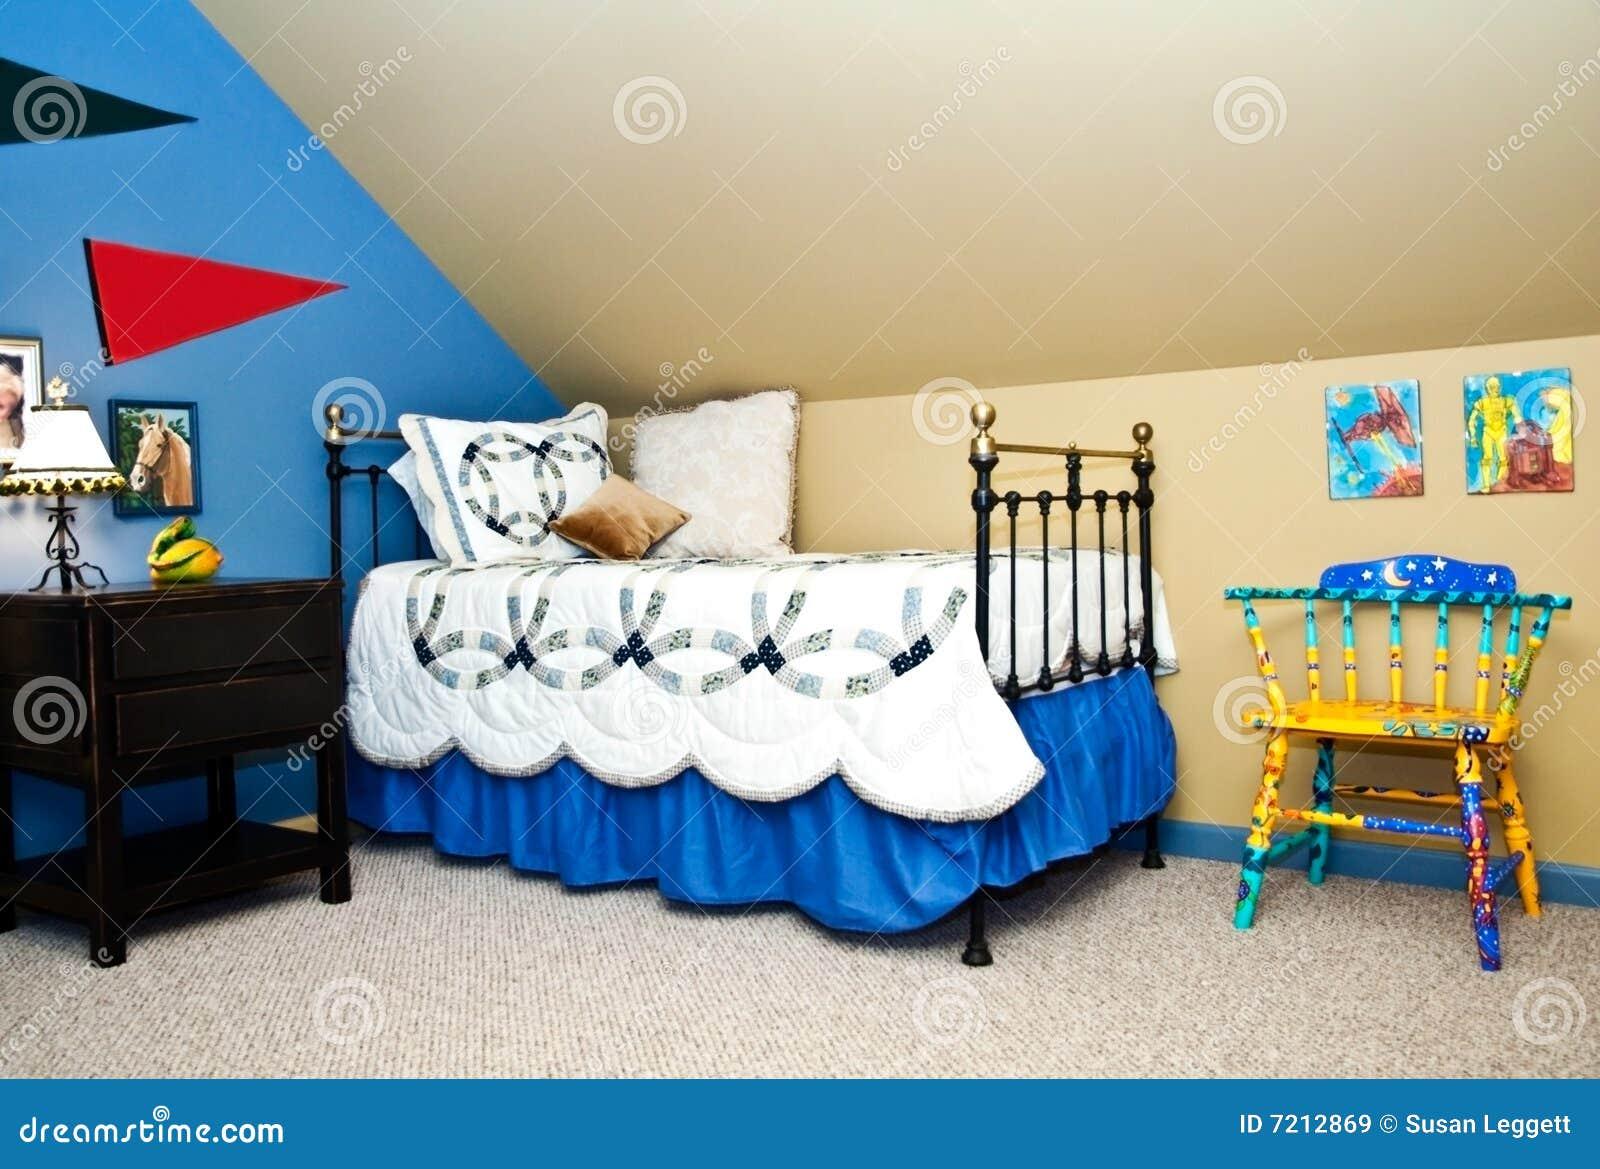 Slaapkamer Slaap Wolken : De slaapkamer van het kind stock afbeelding afbeelding bestaande